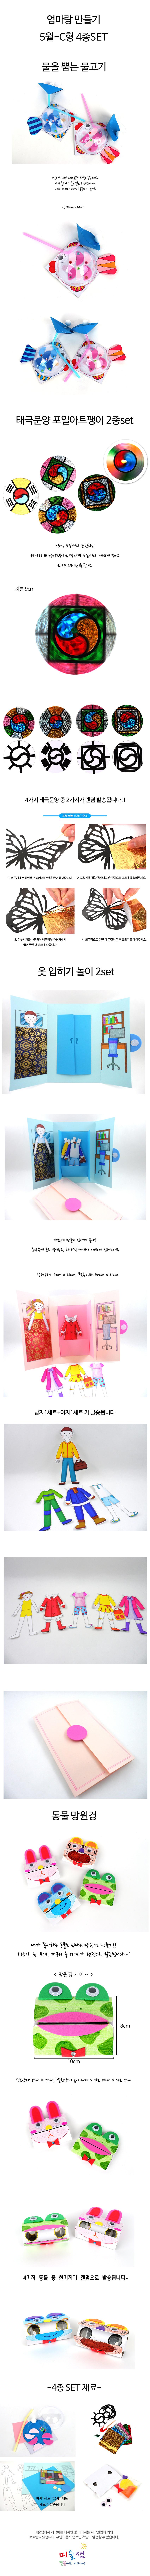 엄마랑만들기 5월-C형 4종SET - 미술샘, 8,600원, 종이공예/북아트, 종이공예 패키지